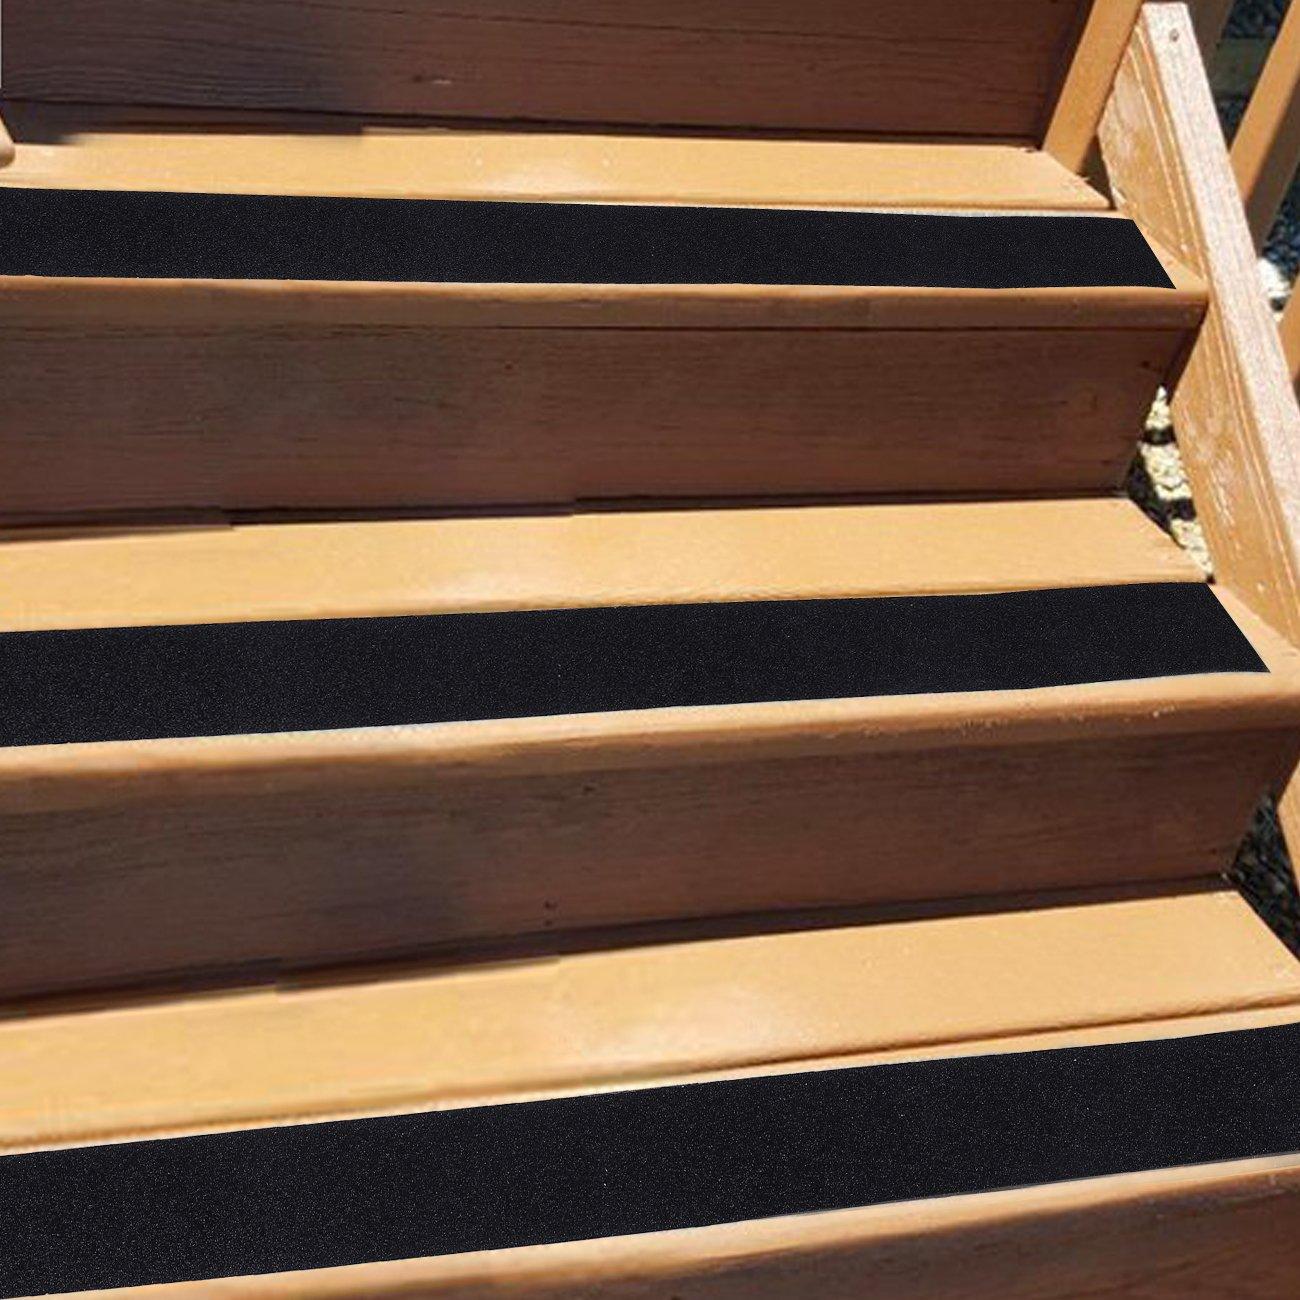 Cinta de seguridad,Pasos de cinta de alta tracci/ón Strong Grip Abrasive 50mmX5m Cinta antideslizante para interiores y exteriores